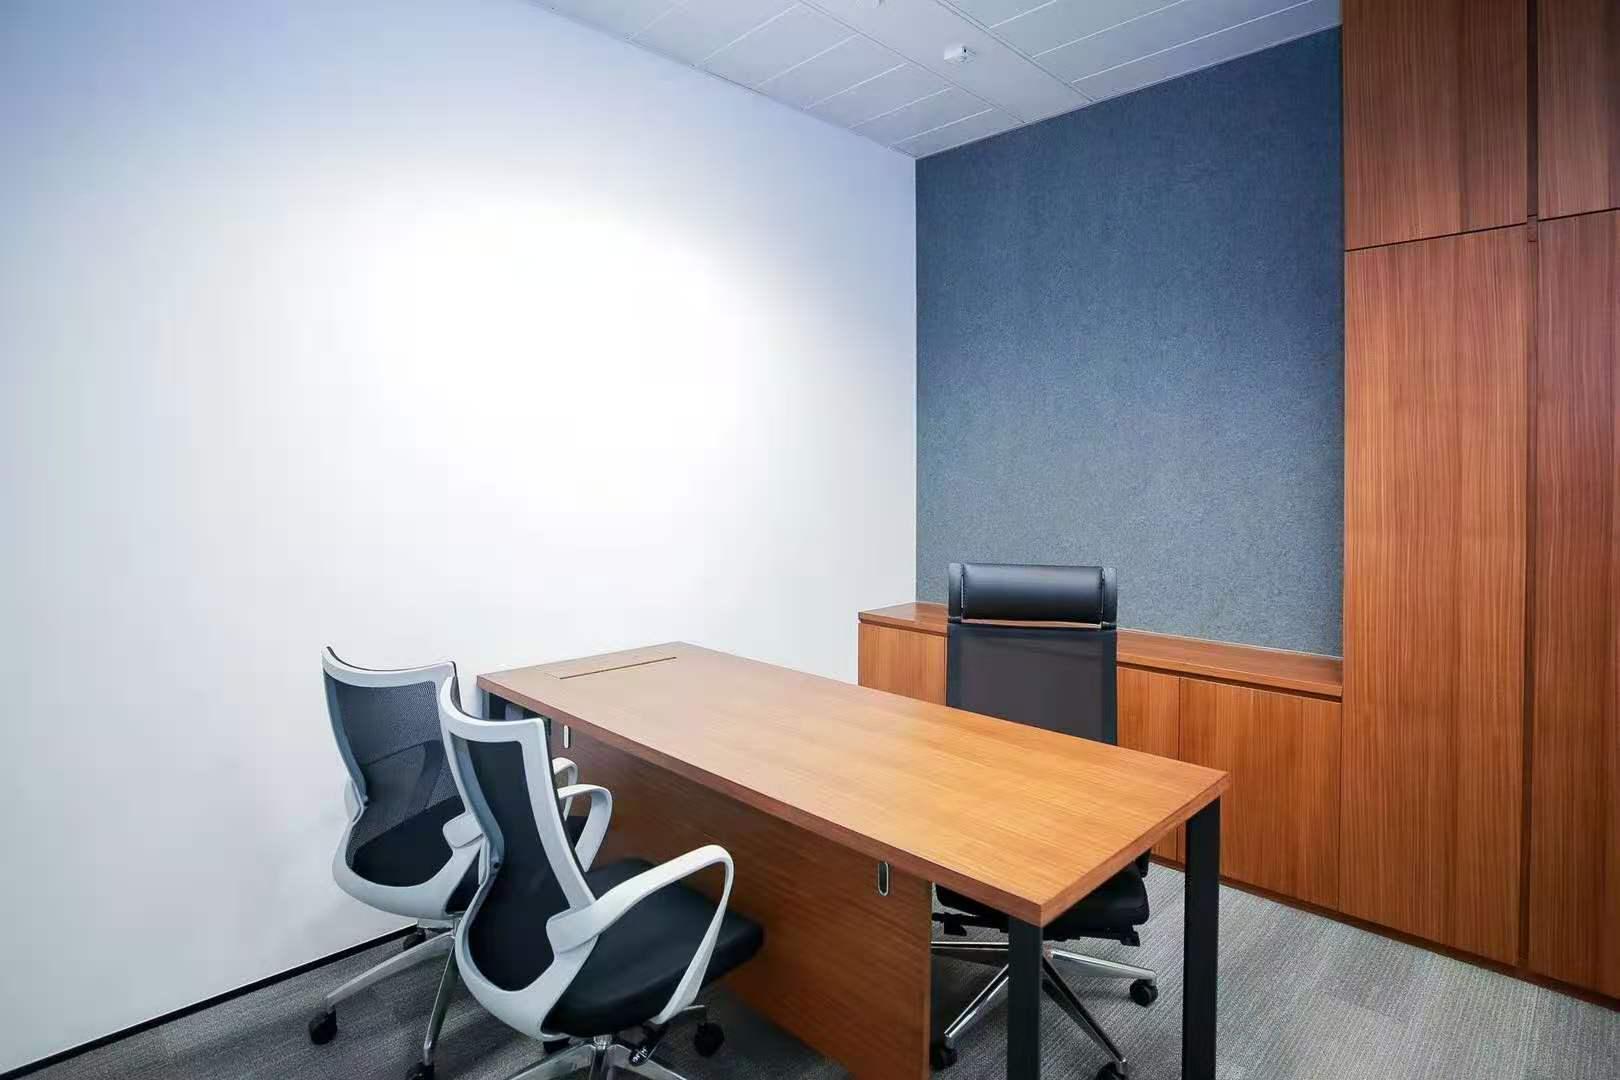 BFC外滩金融中心出租464平写字楼有装修无家具